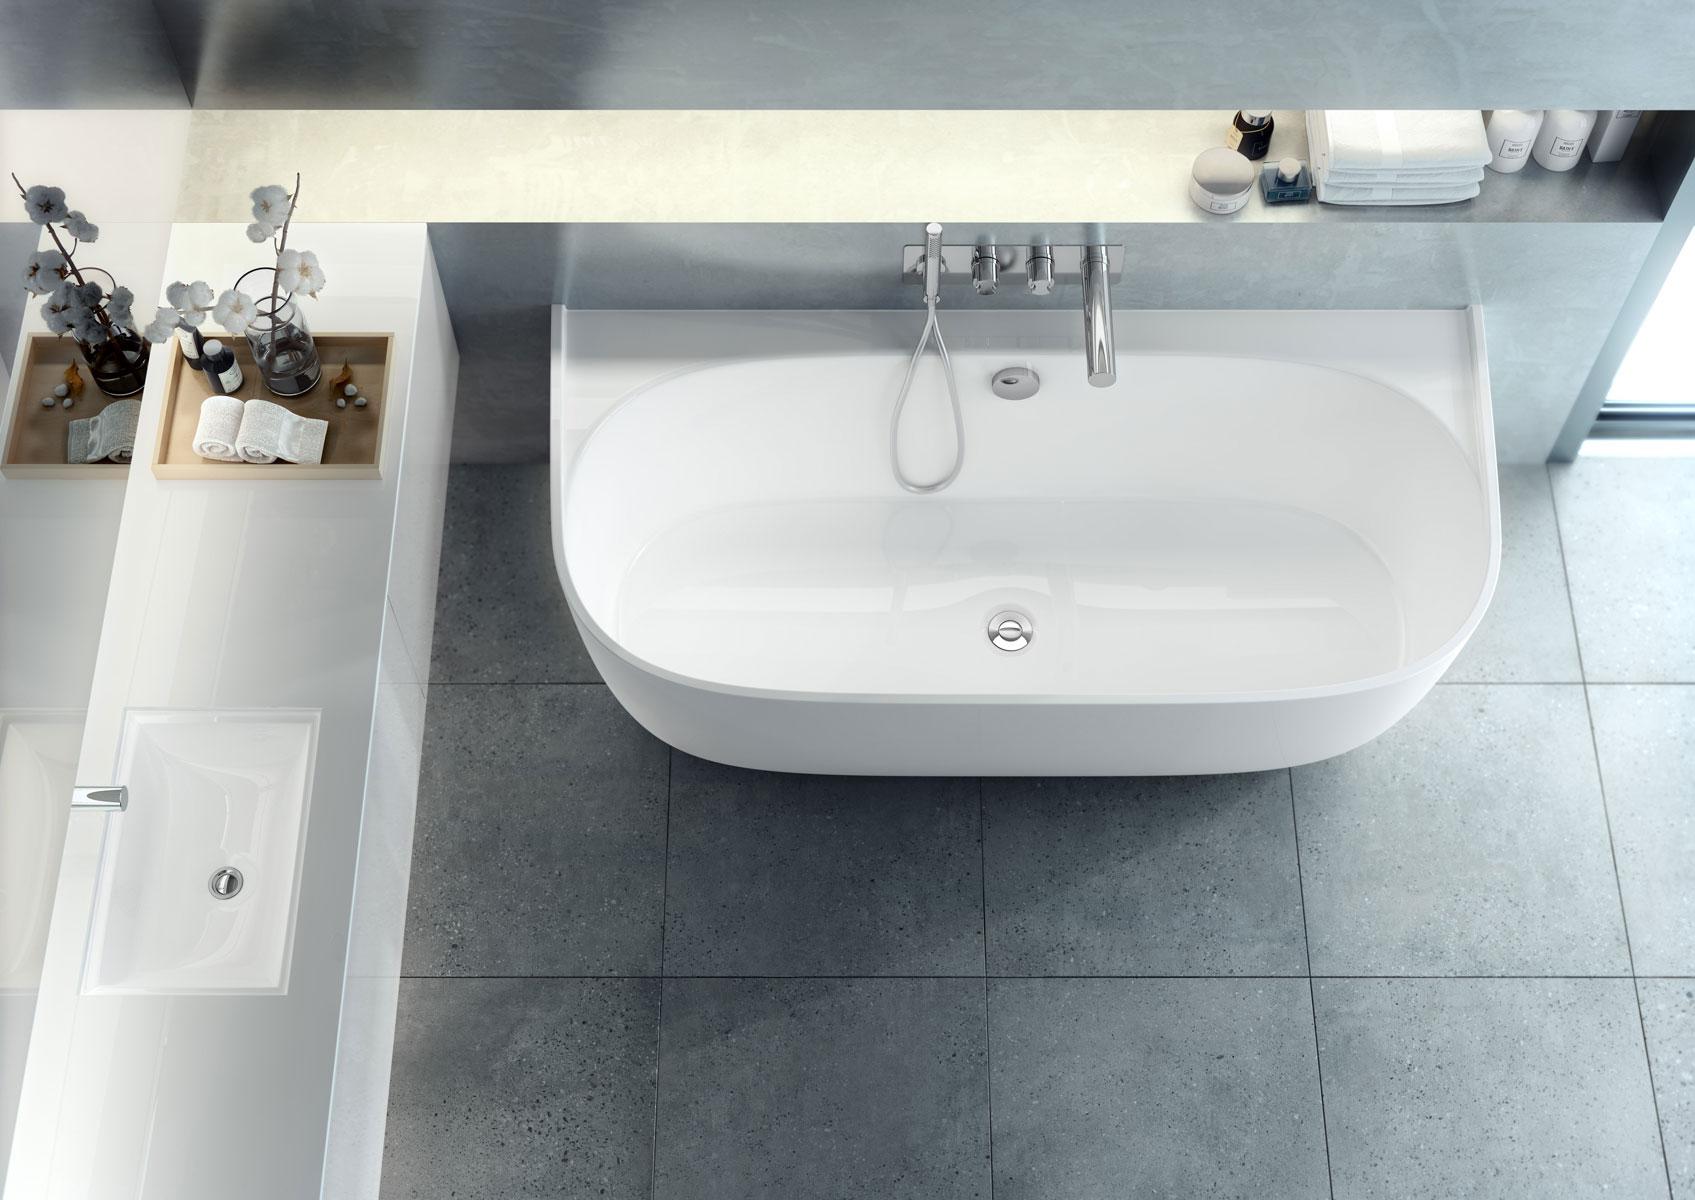 Eldon la vasca da bagno elegante e contemporanea - Vasca da bagno combinata ...